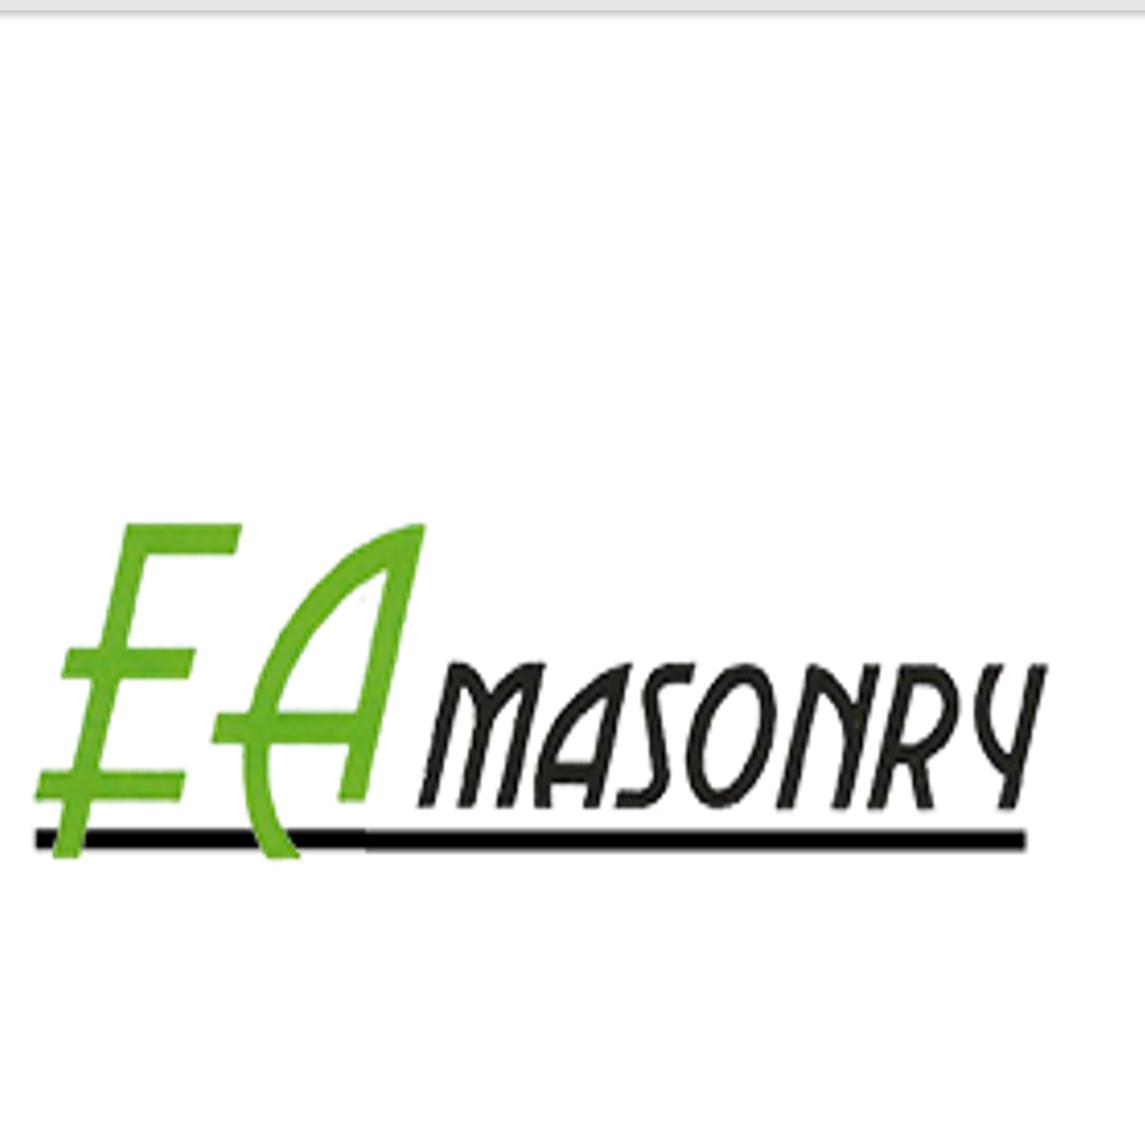 E.A Masonry